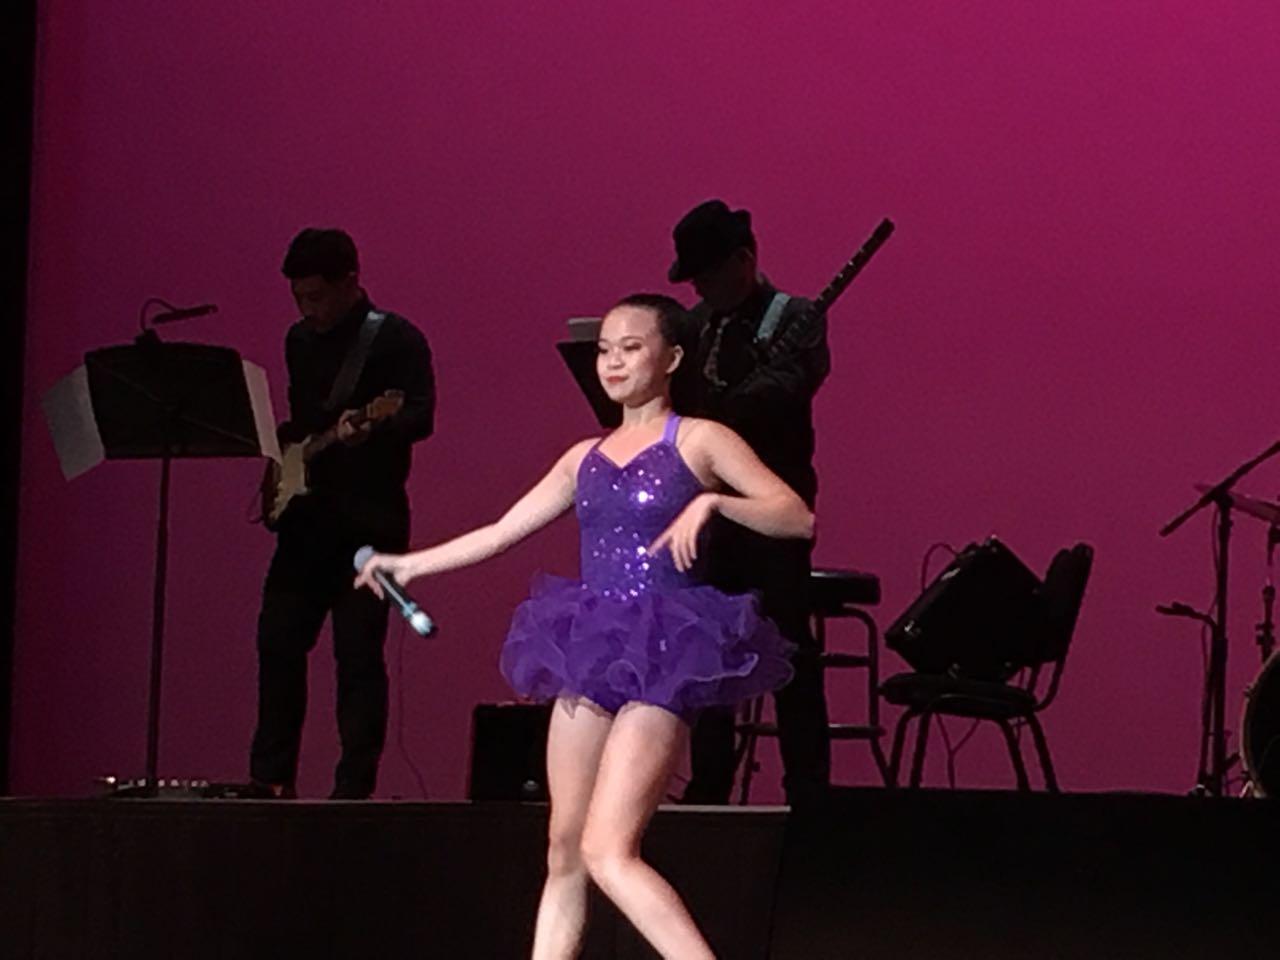 Sabrina的芭蕾舞蹈表演。(記者王若然/攝影)